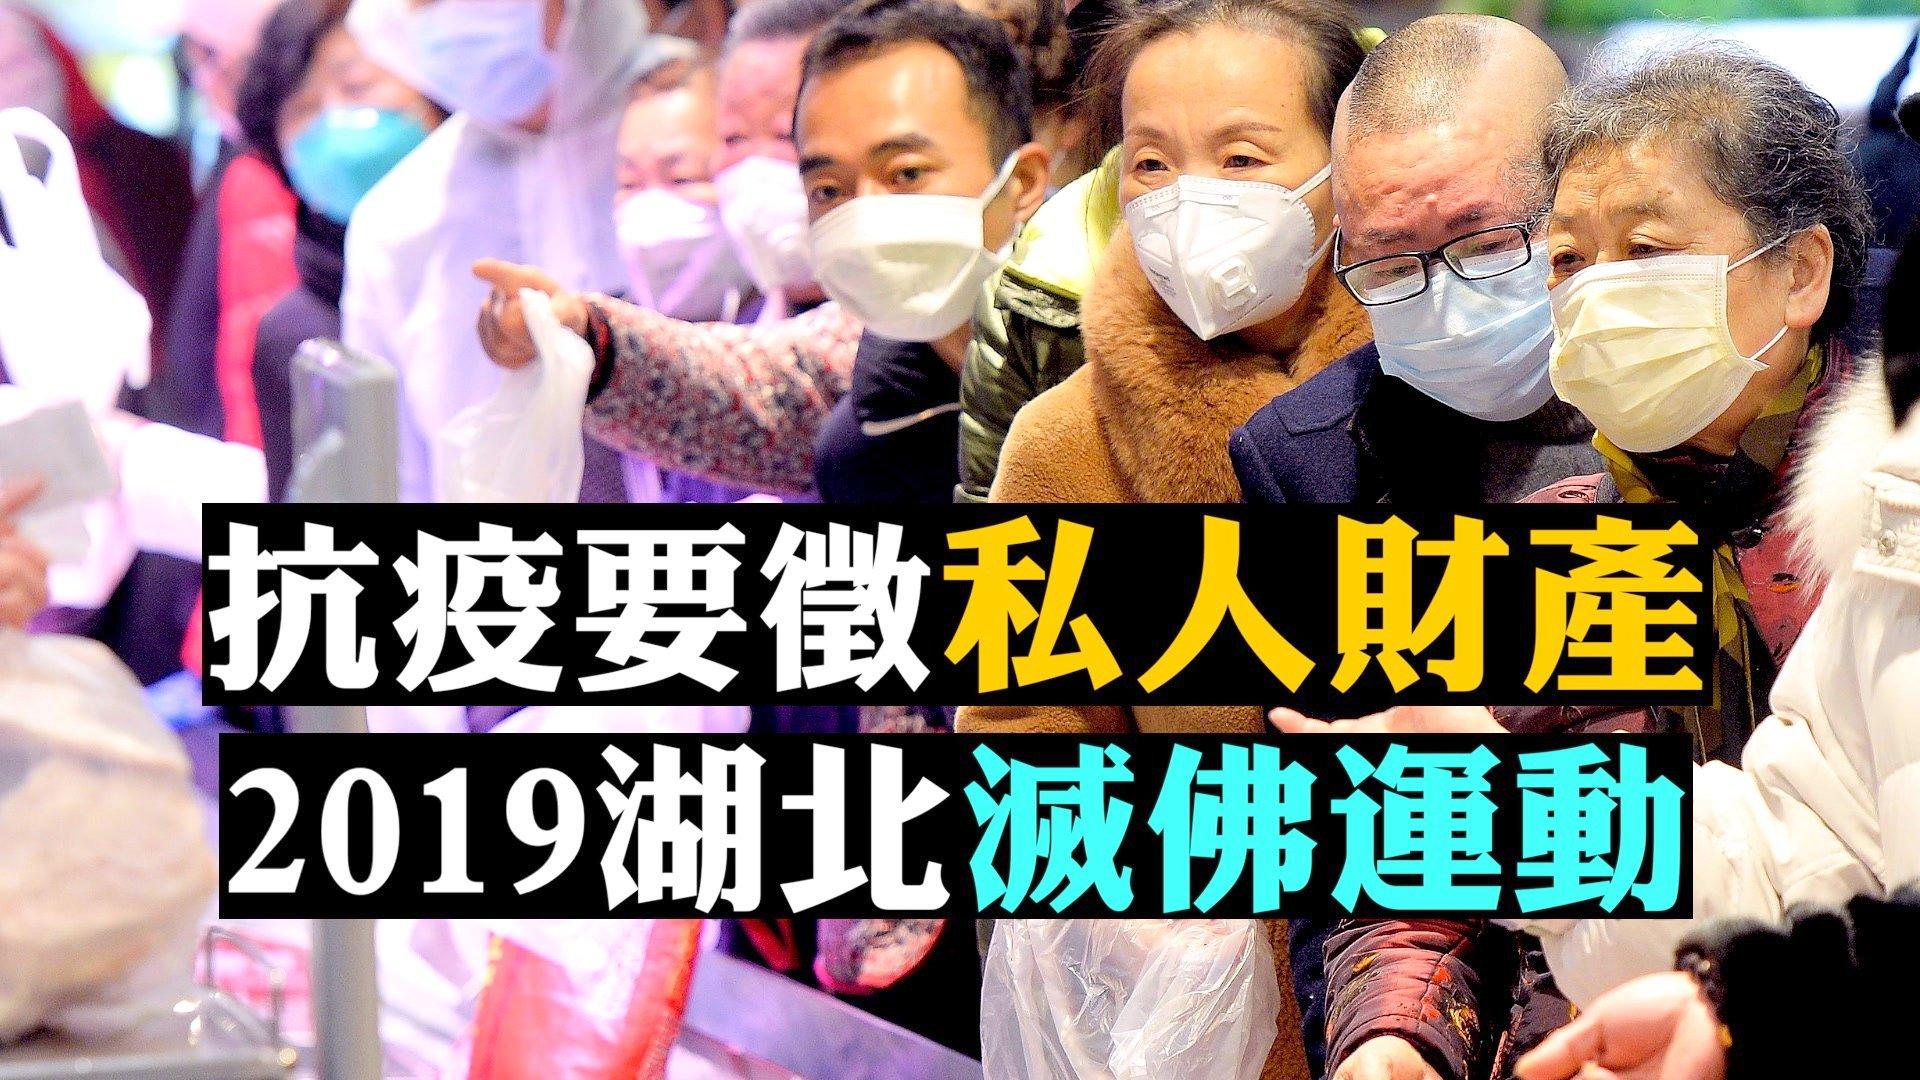 2020年2月,武漢局部斷網!只為一個原因;各地封閉,當局為何急令開路?武漢肺炎疫情夏天未必結束。(新唐人合成)